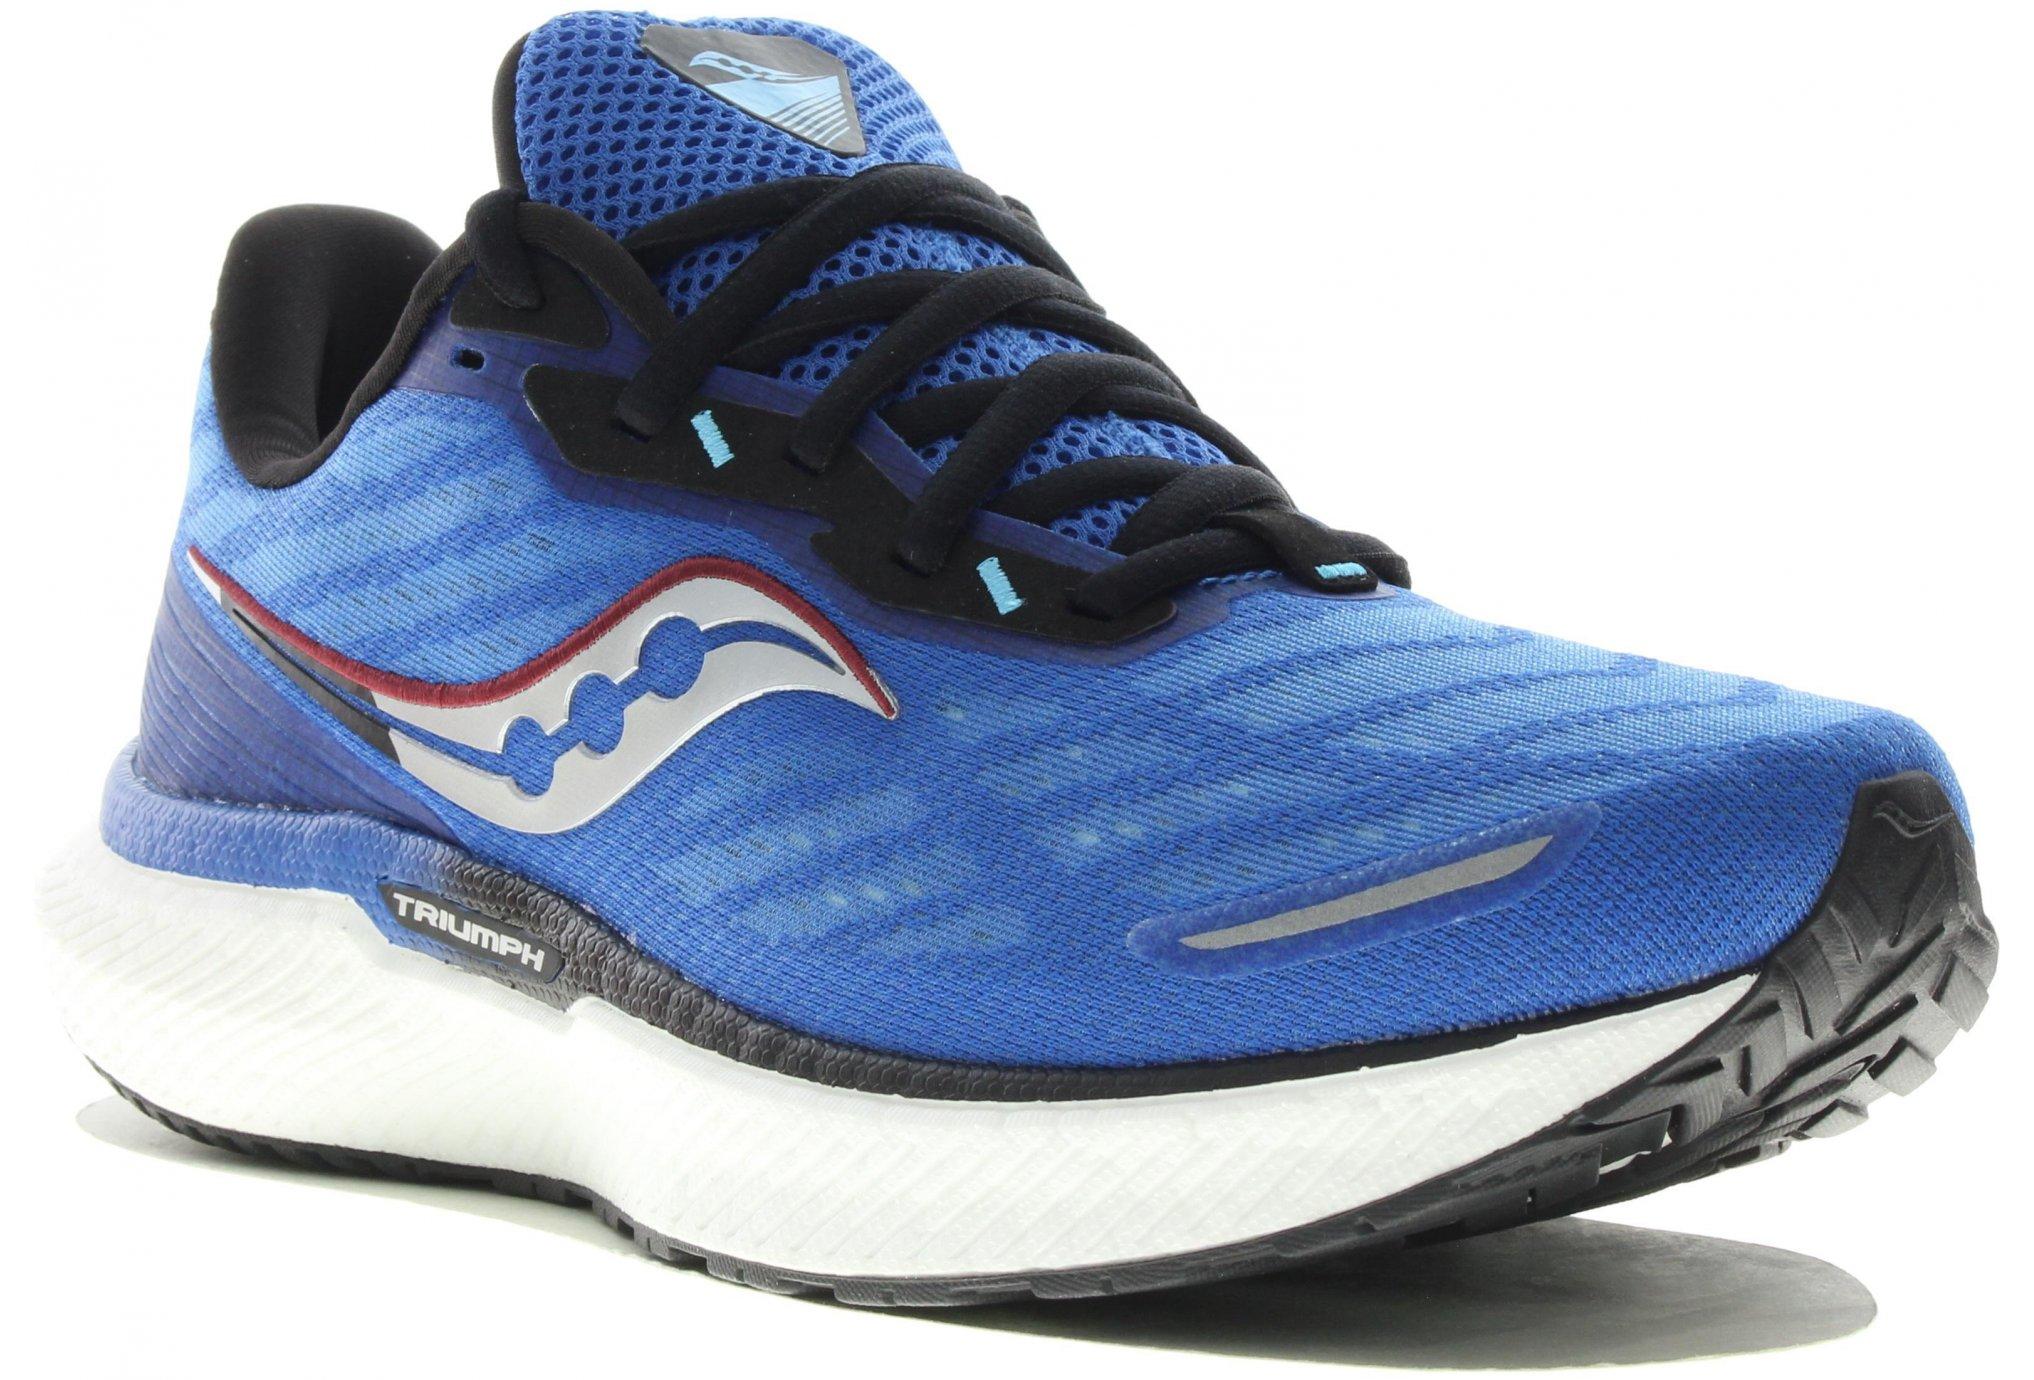 Saucony Triumph 19 M Chaussures homme